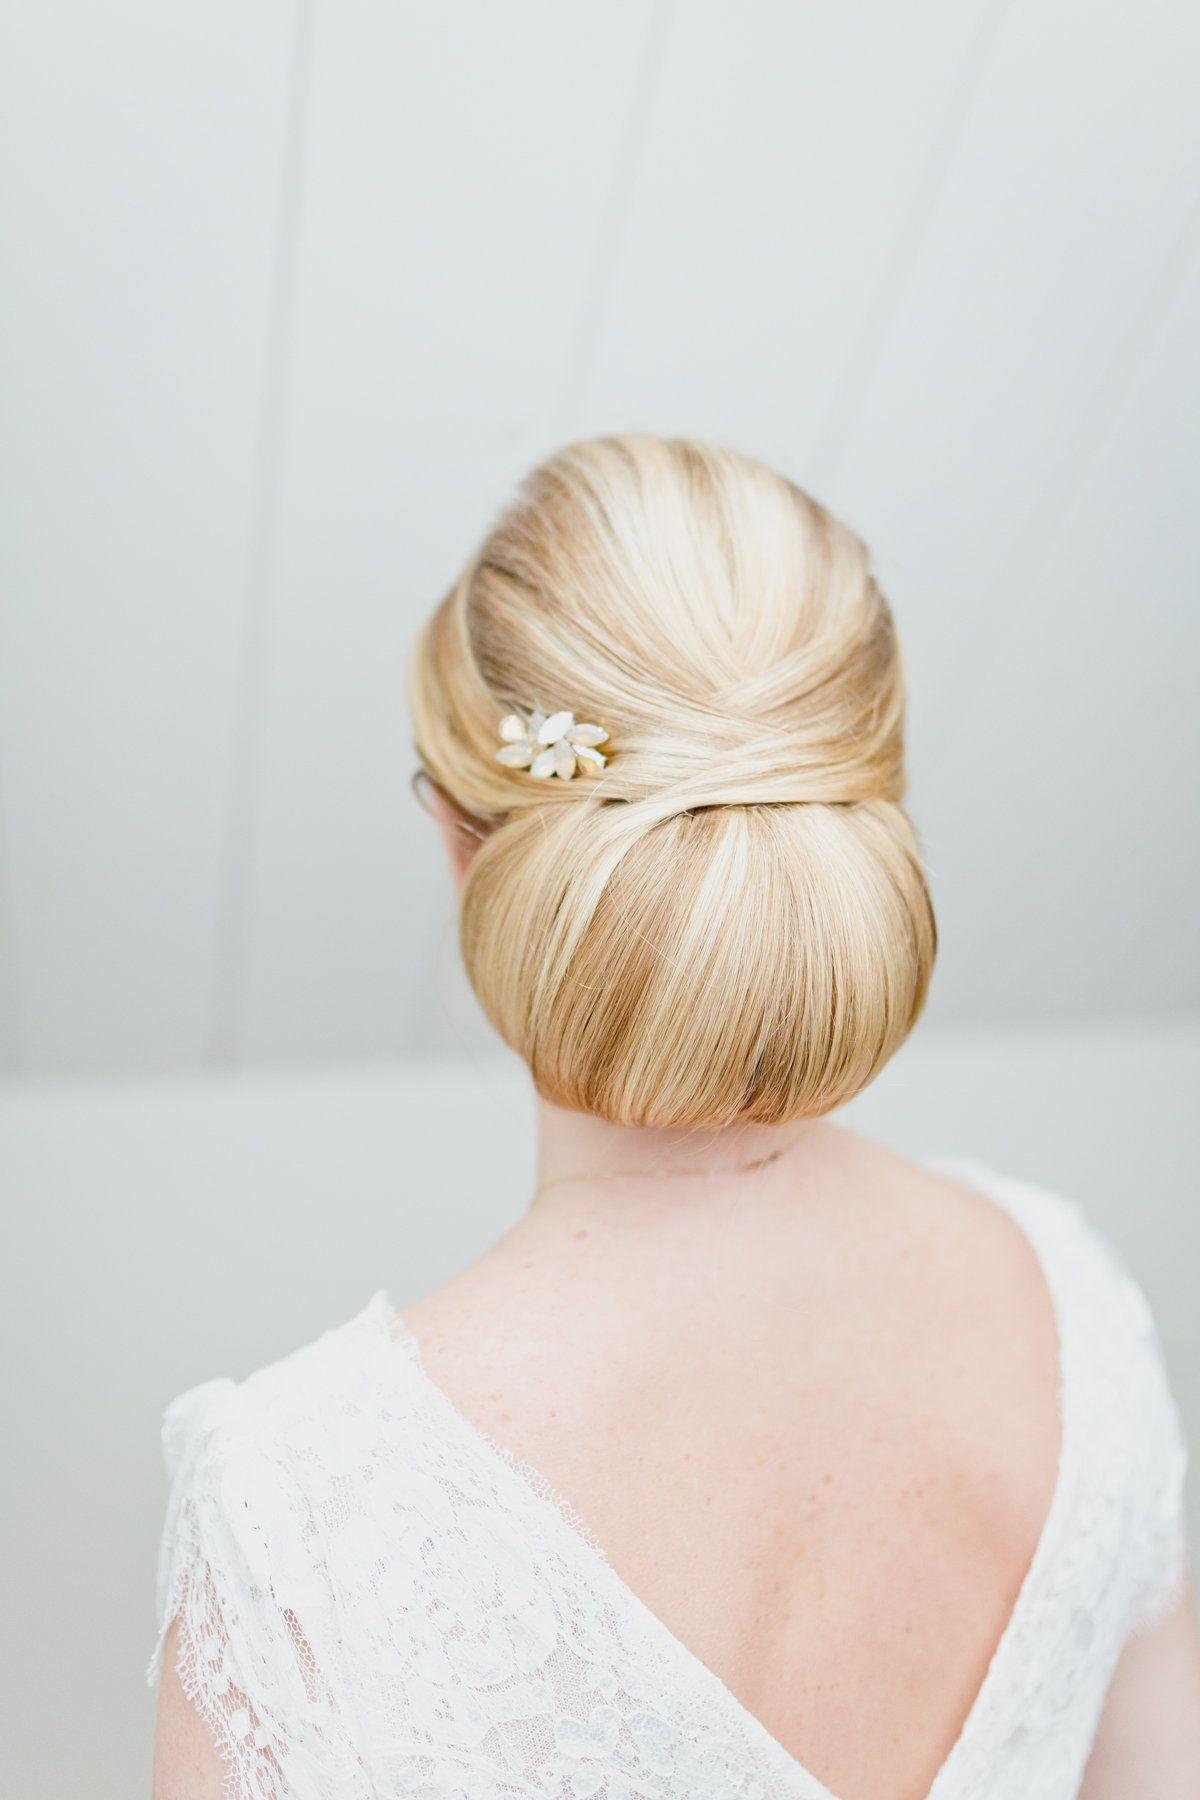 Low bun bridal hairstyle with vintage hairpins Hair by Lonneke van